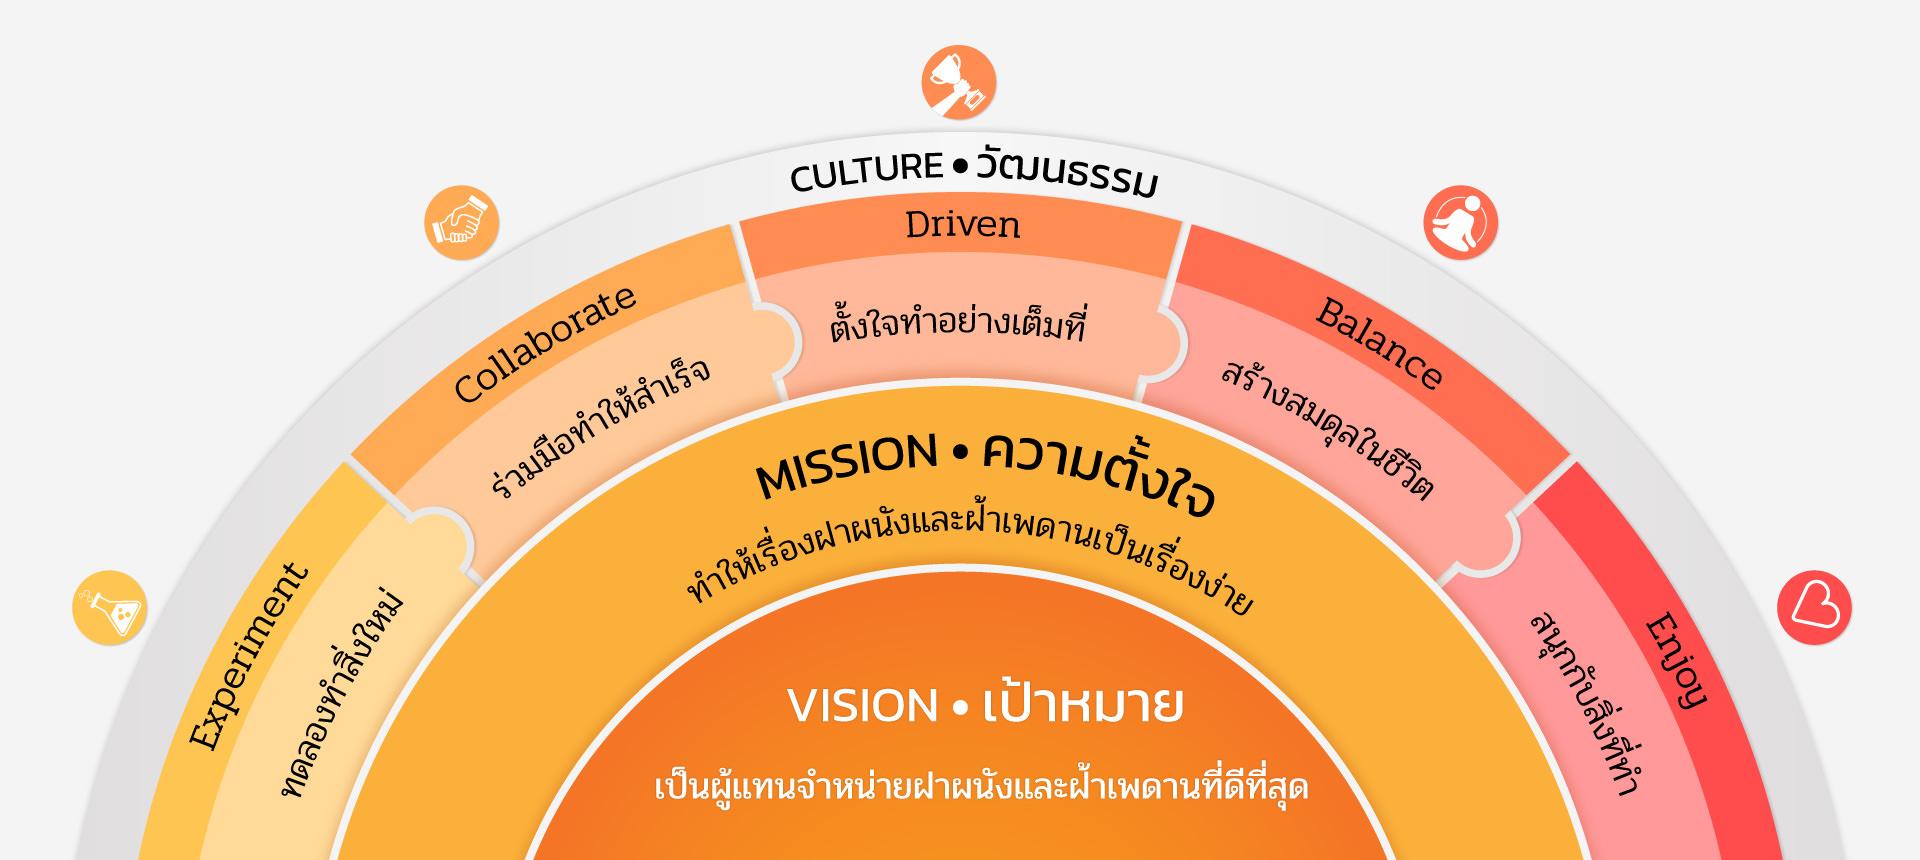 เป้าหมาย, ความตั้งใจ และวัฒนธรรม ของเฟอร์ริ่งไลน์